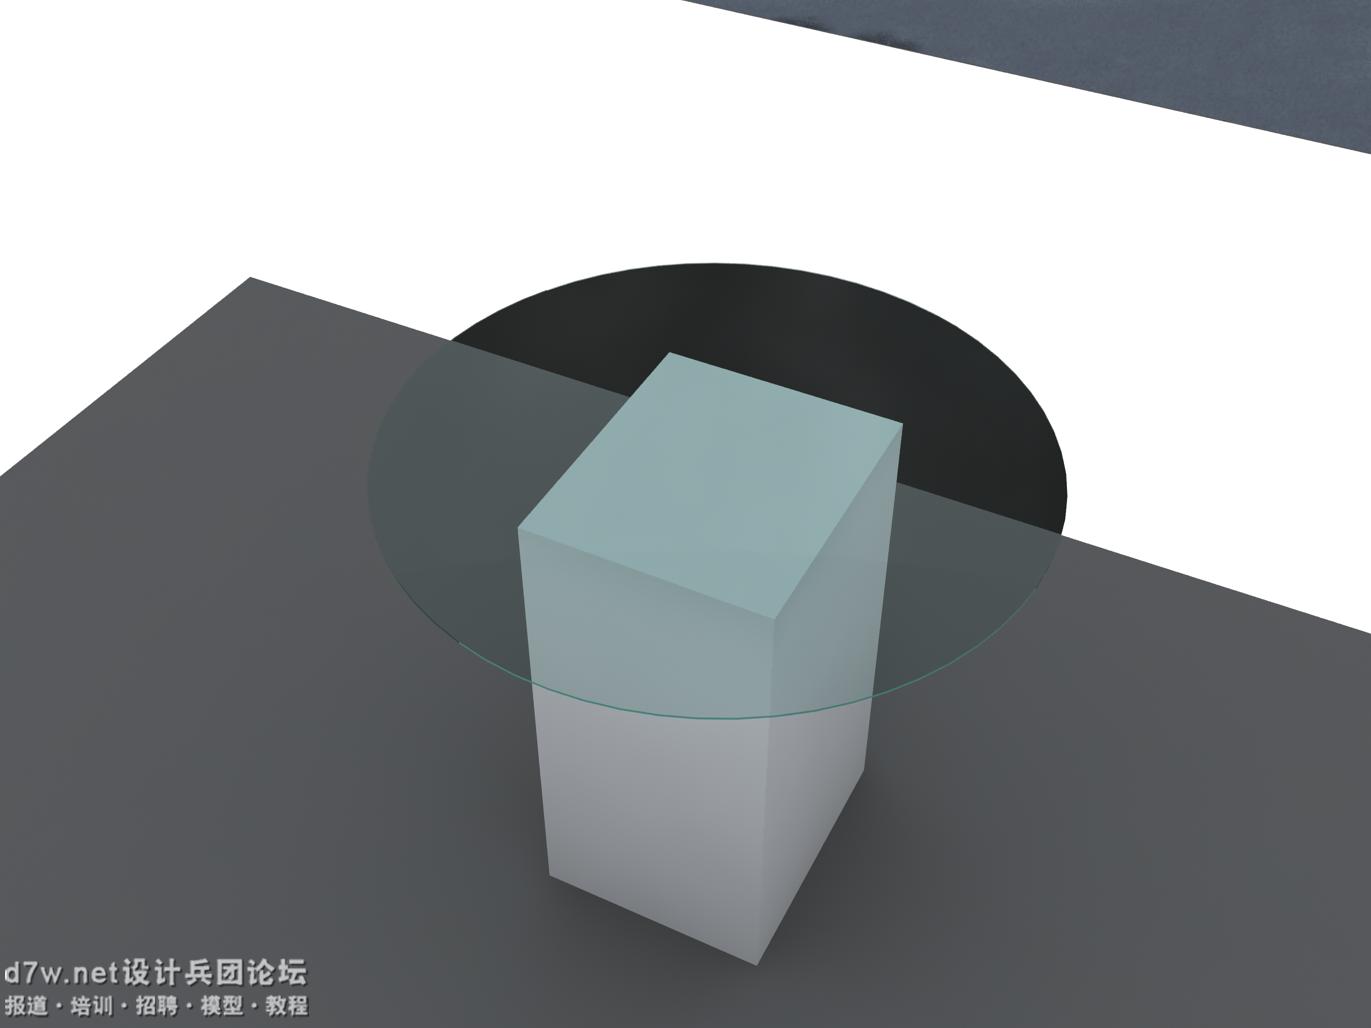 会展设计教程_关于VR玻璃材质渲染的问题 求指教 - 设计兵团教程_解决设计师 ...